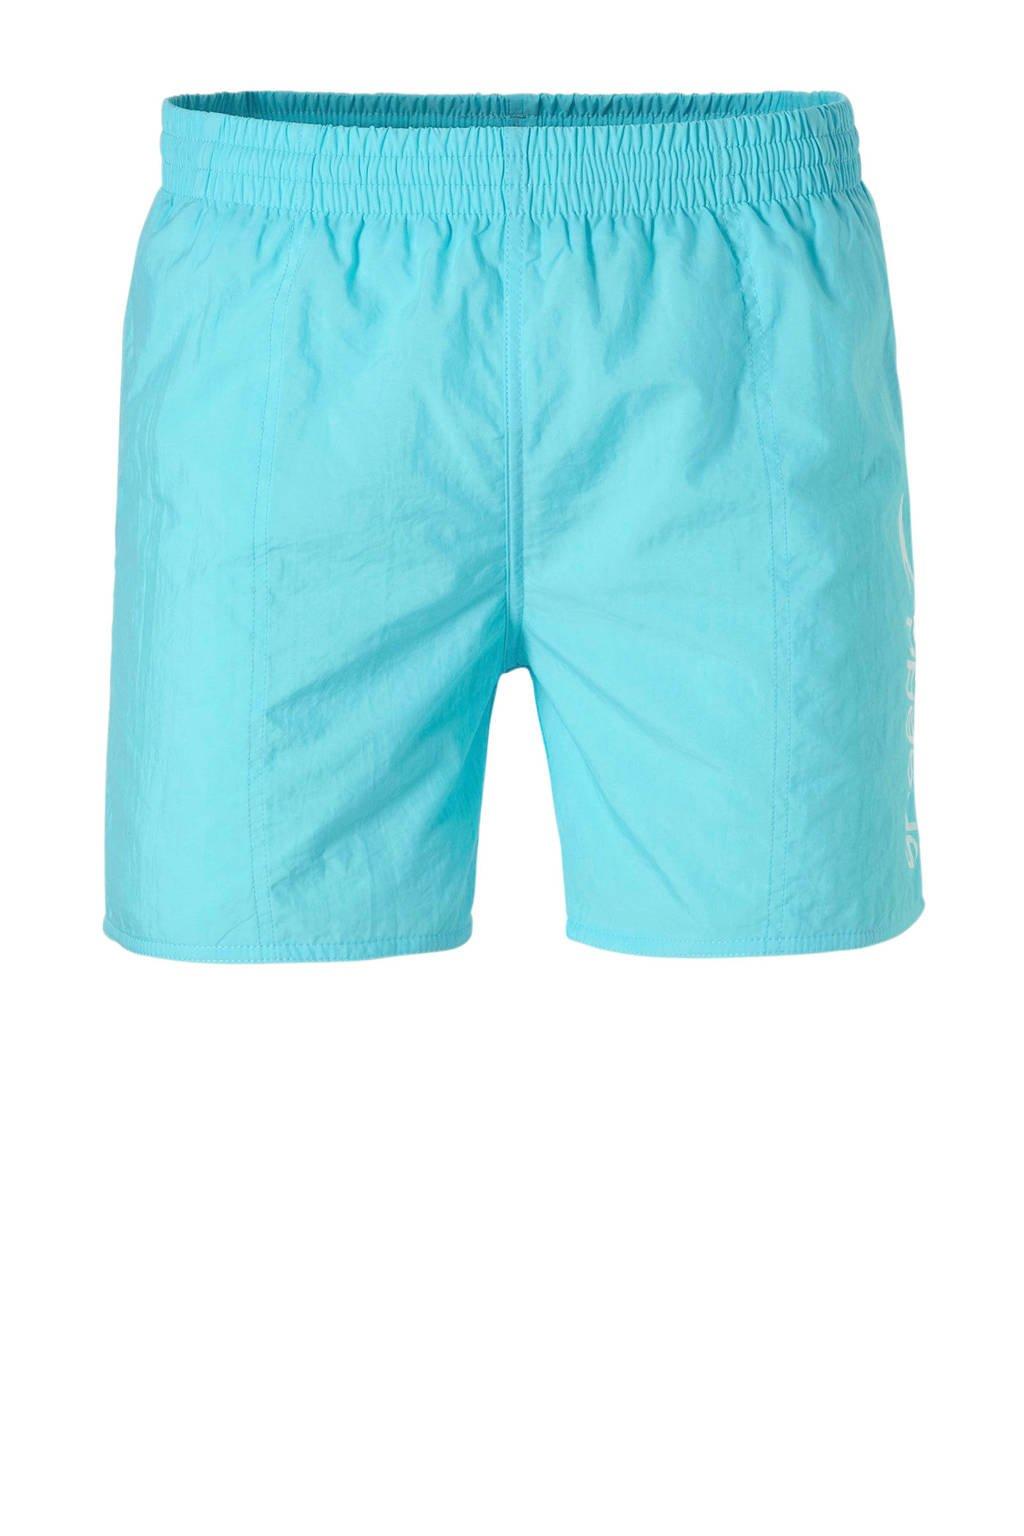 Speedo zwemshort Scope lichtblauw, Lichtblauw